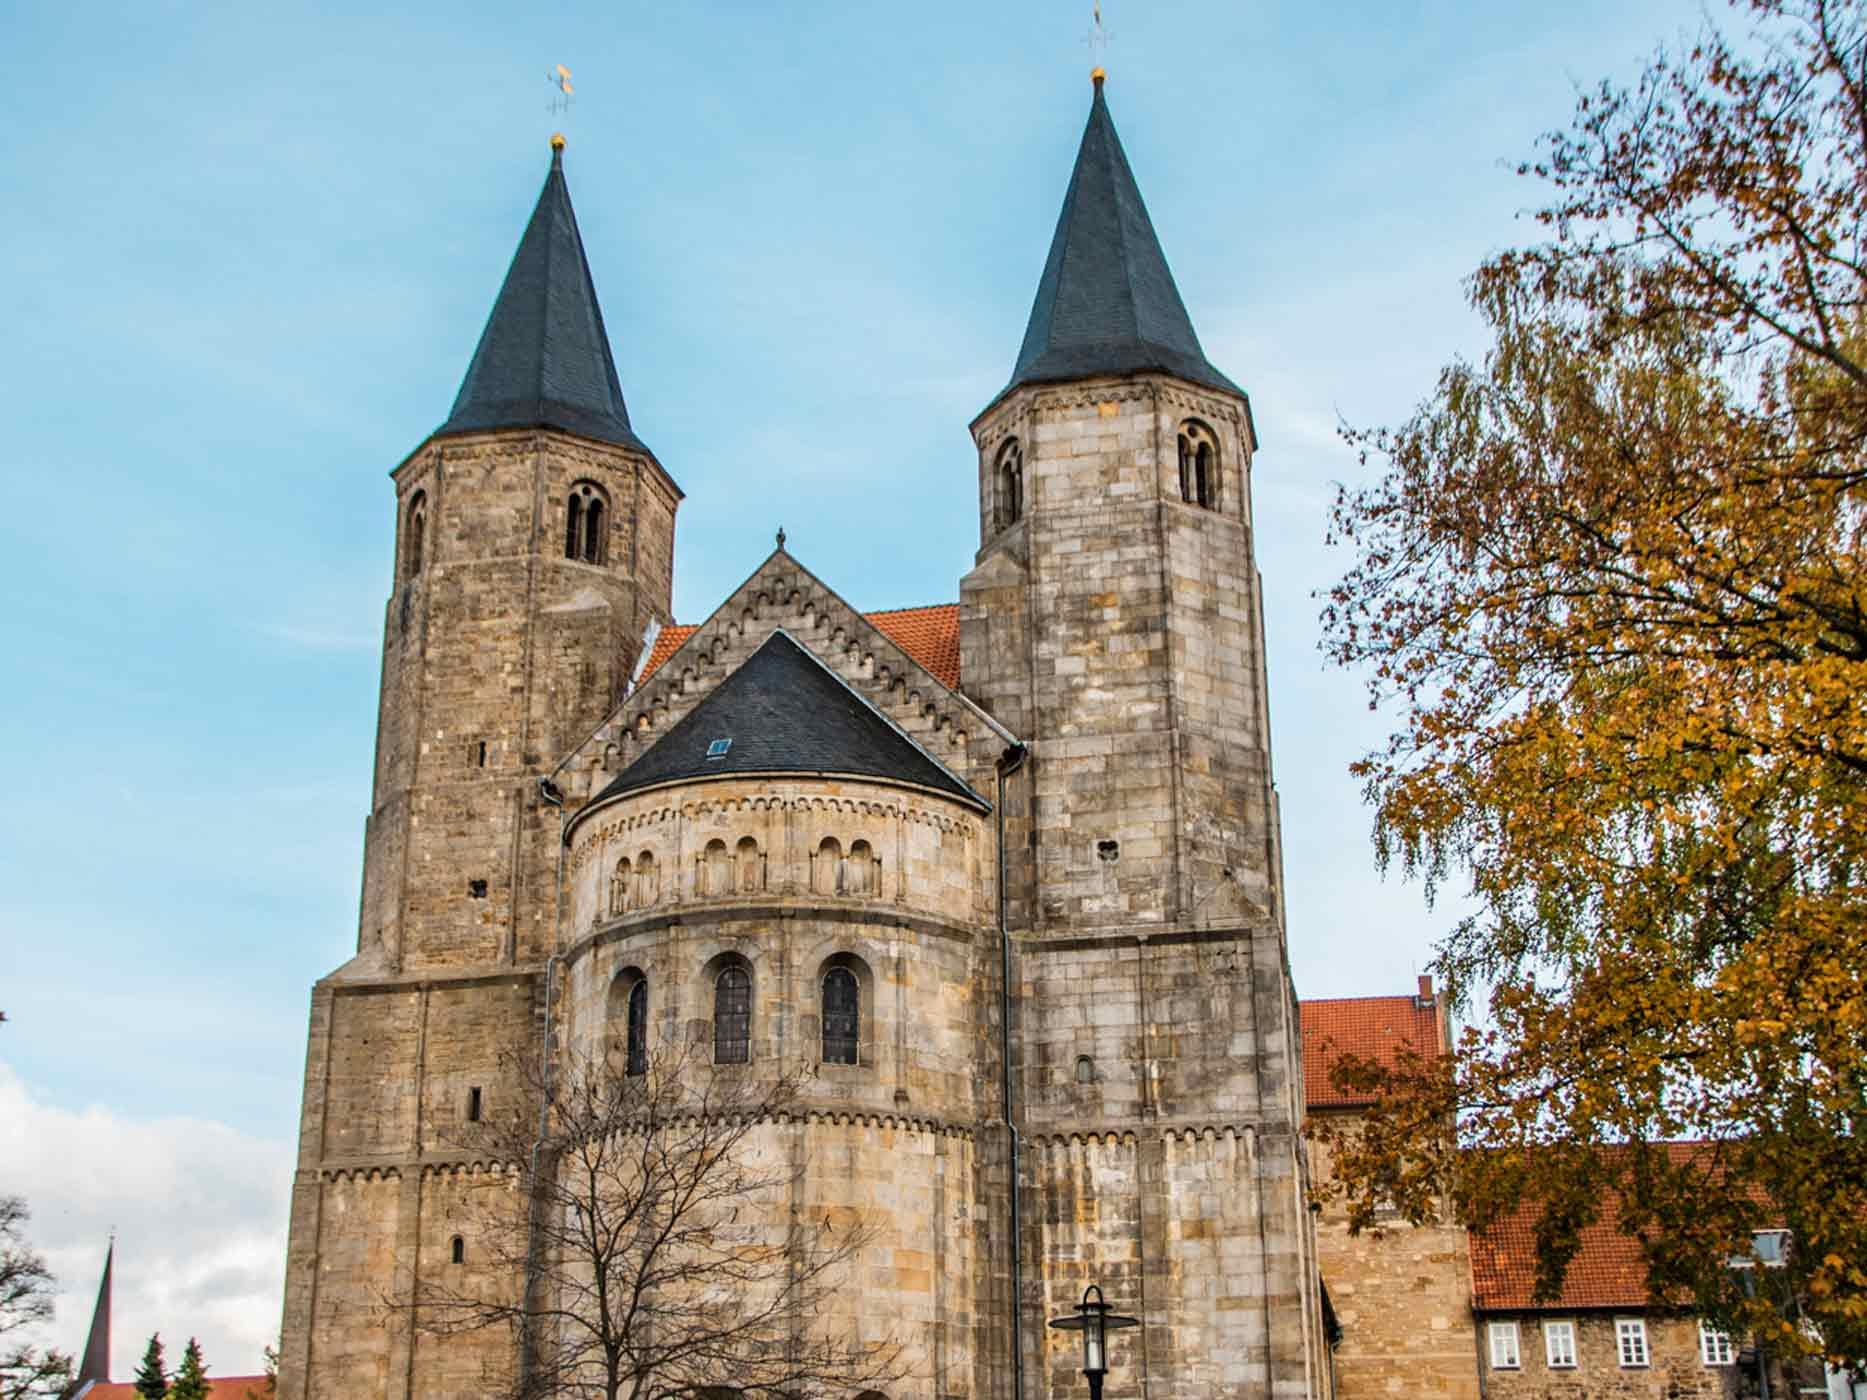 Die St. Godehard Kirche in Hildesheim